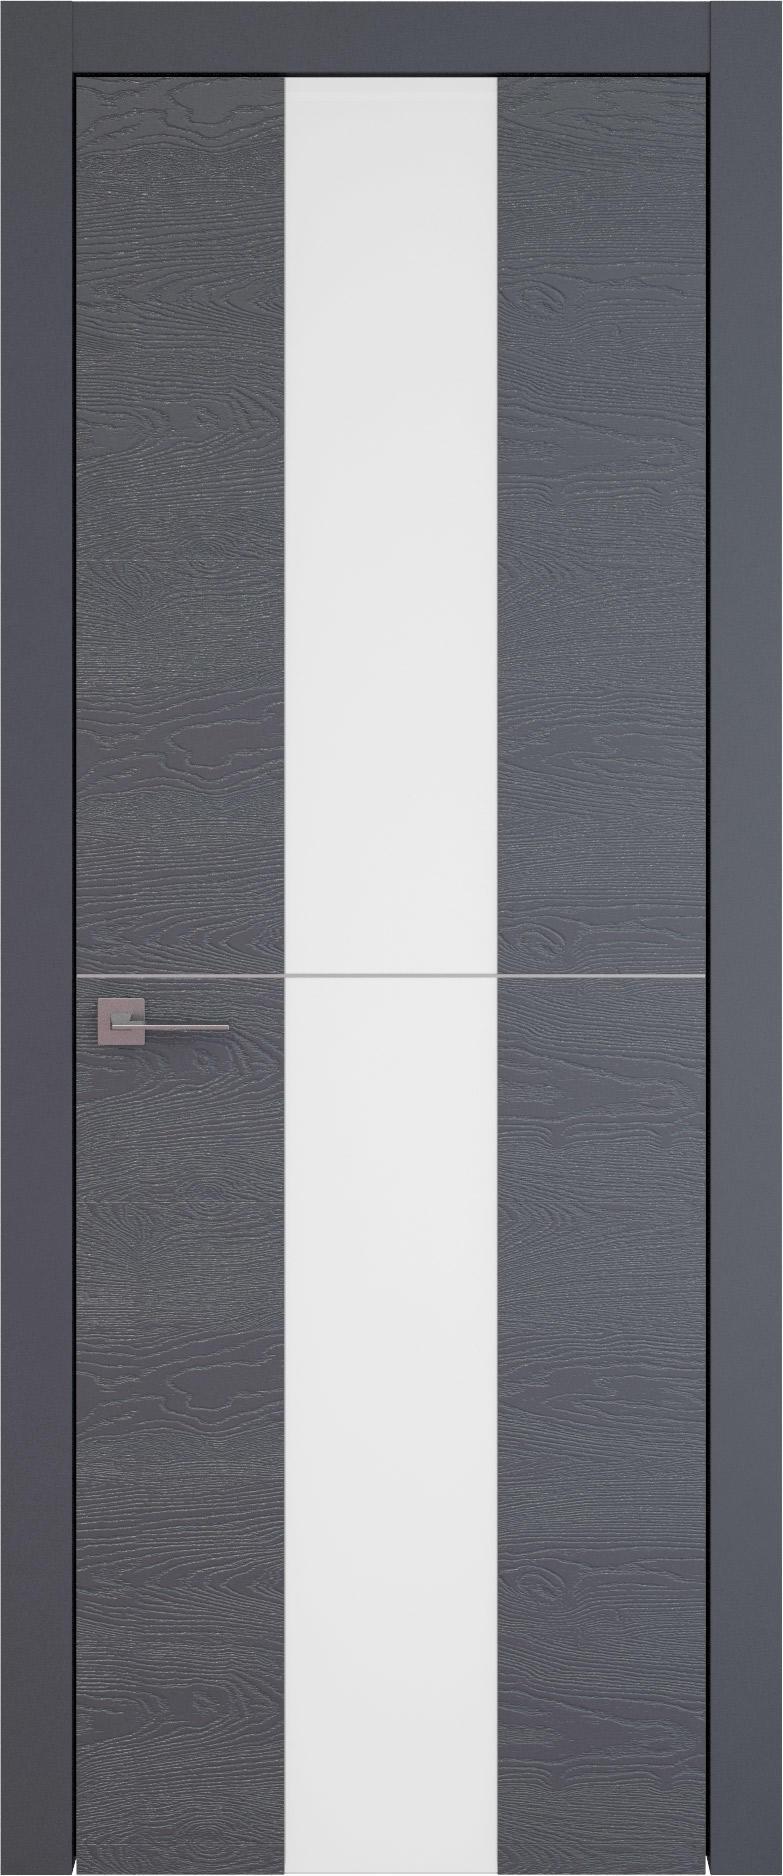 Tivoli Ж-3 цвет - Графитово-серая эмаль по шпону (RAL 7024) Со стеклом (ДО)